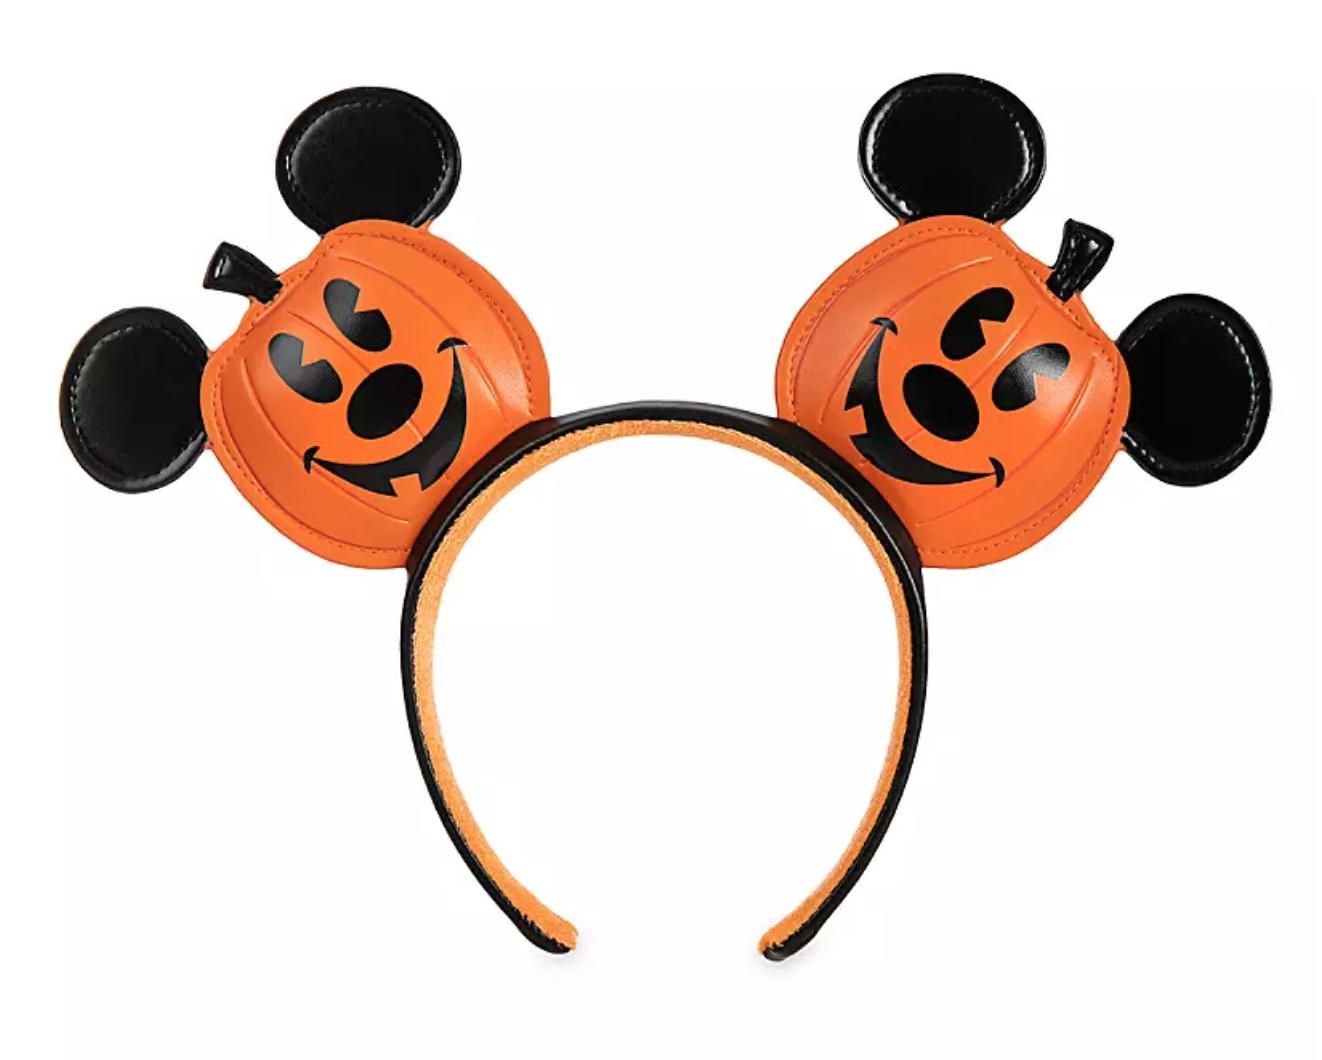 Disney Halloween 2020 Ears Pretty in PUMPKIN?! Disney's New Halloween Ears Might Be the